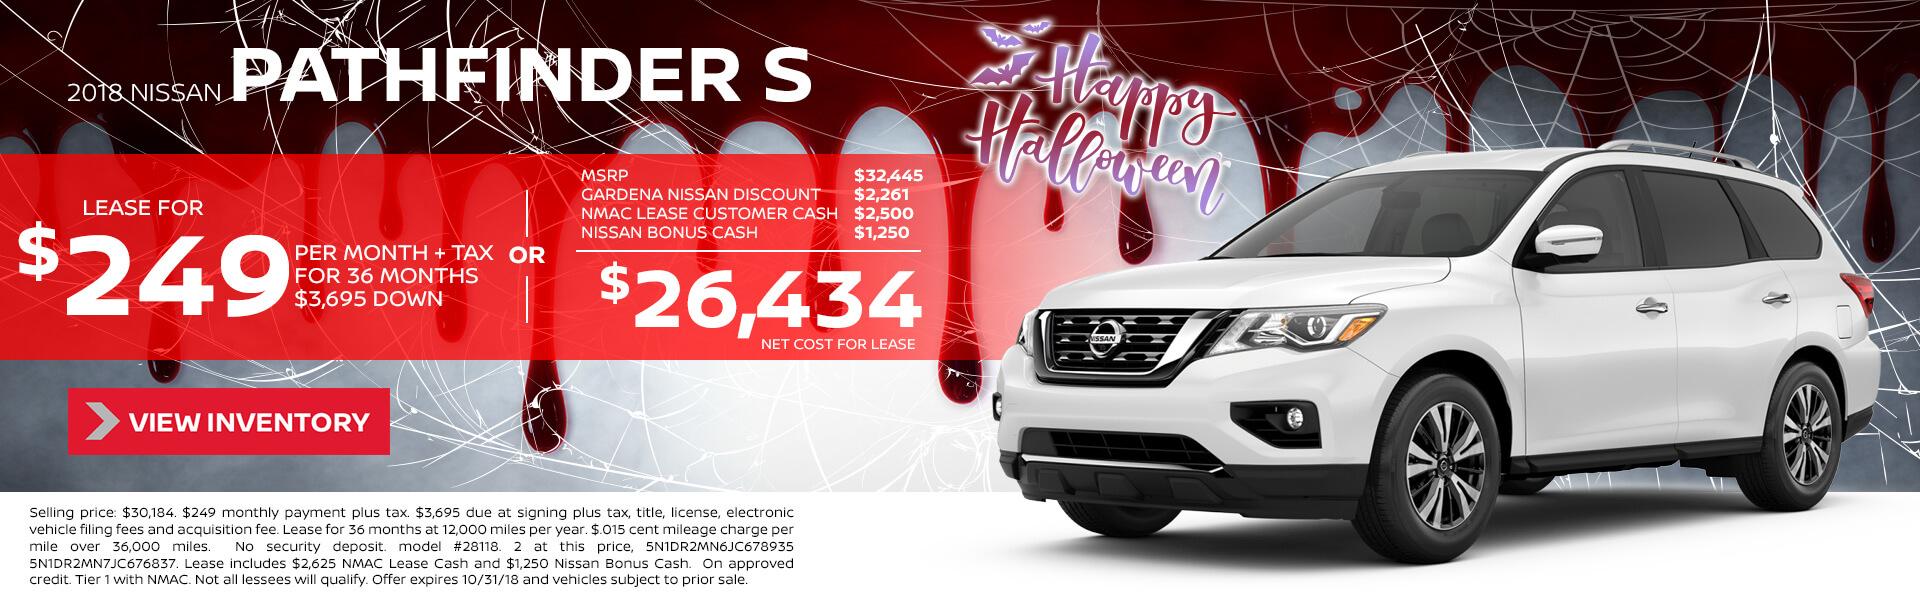 Pathfinder $26,746